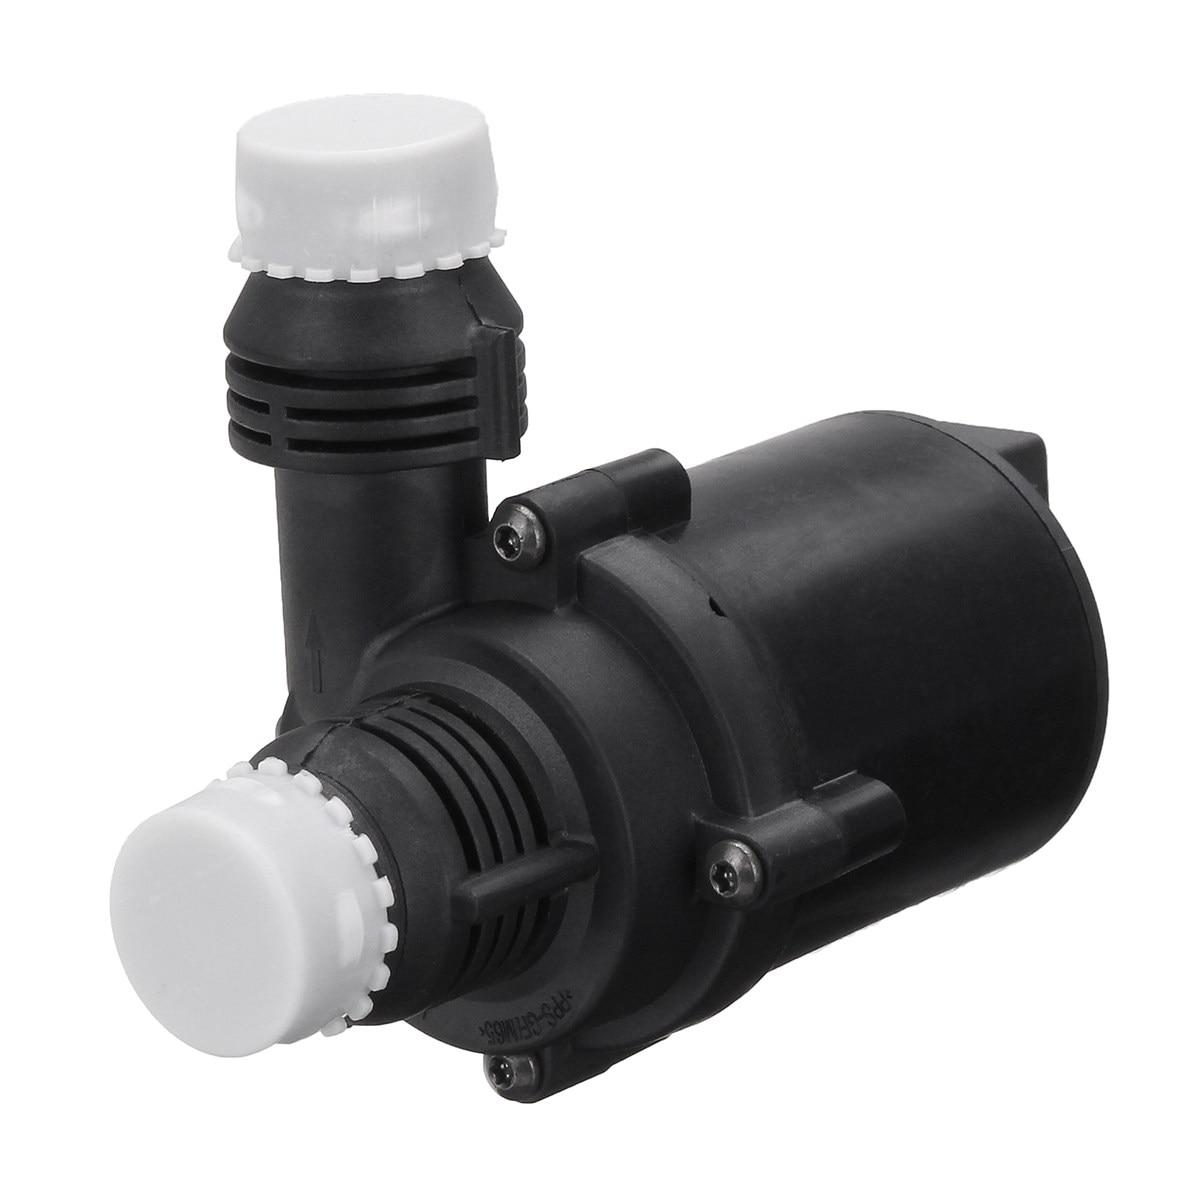 64116903350 cooling water pump replacement for bmw e38 e39 e65 e66 e67 x5 e53 1994 1995 1996 1997 1998 1999 2000 2001 2002 2003 [ 1200 x 1200 Pixel ]